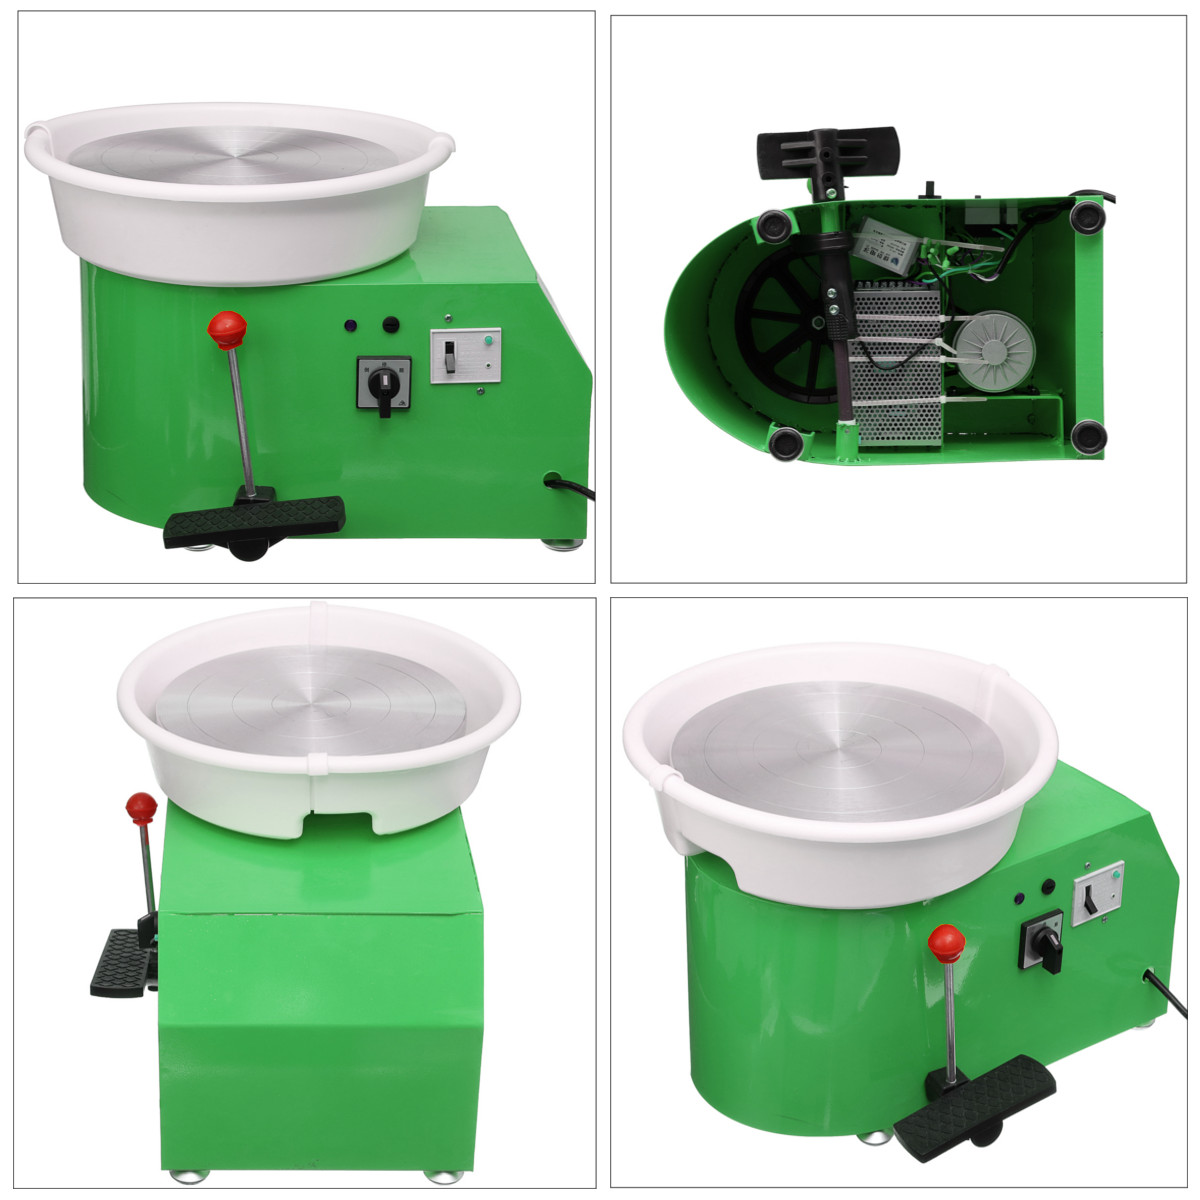 Machine de roue de poterie 32 cm 220 V 350 W à manivelle et commande à pédale en céramique travail argile Art avec Mobile lisse à faible bruit - 5